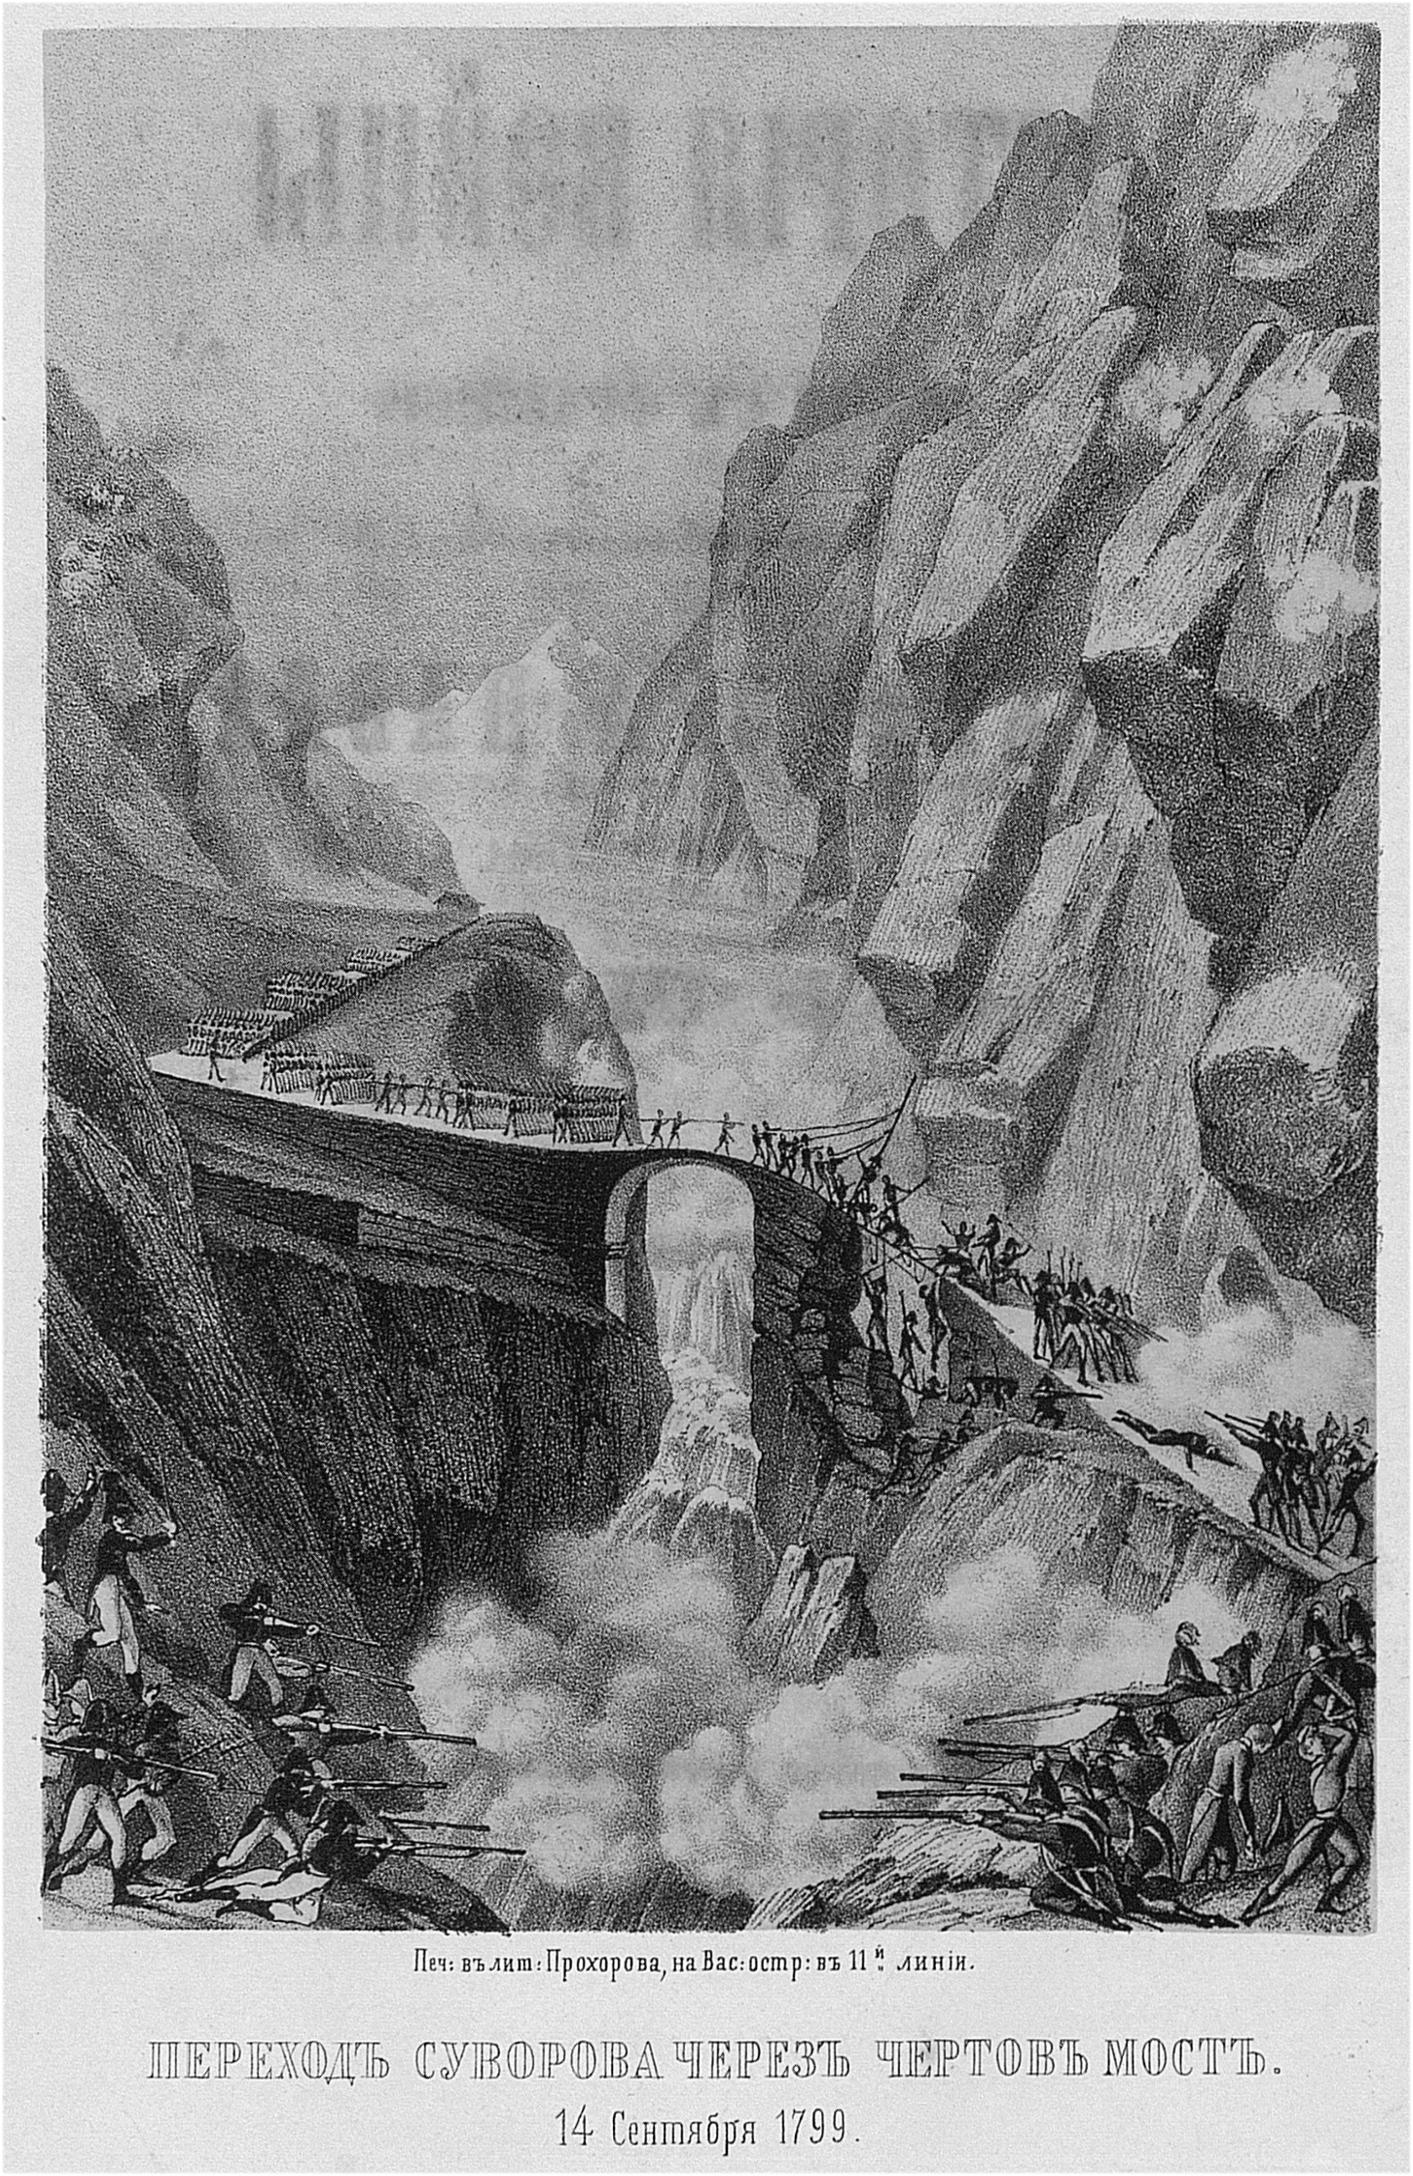 Не может быть сказал суворов что чертов мост не перейти